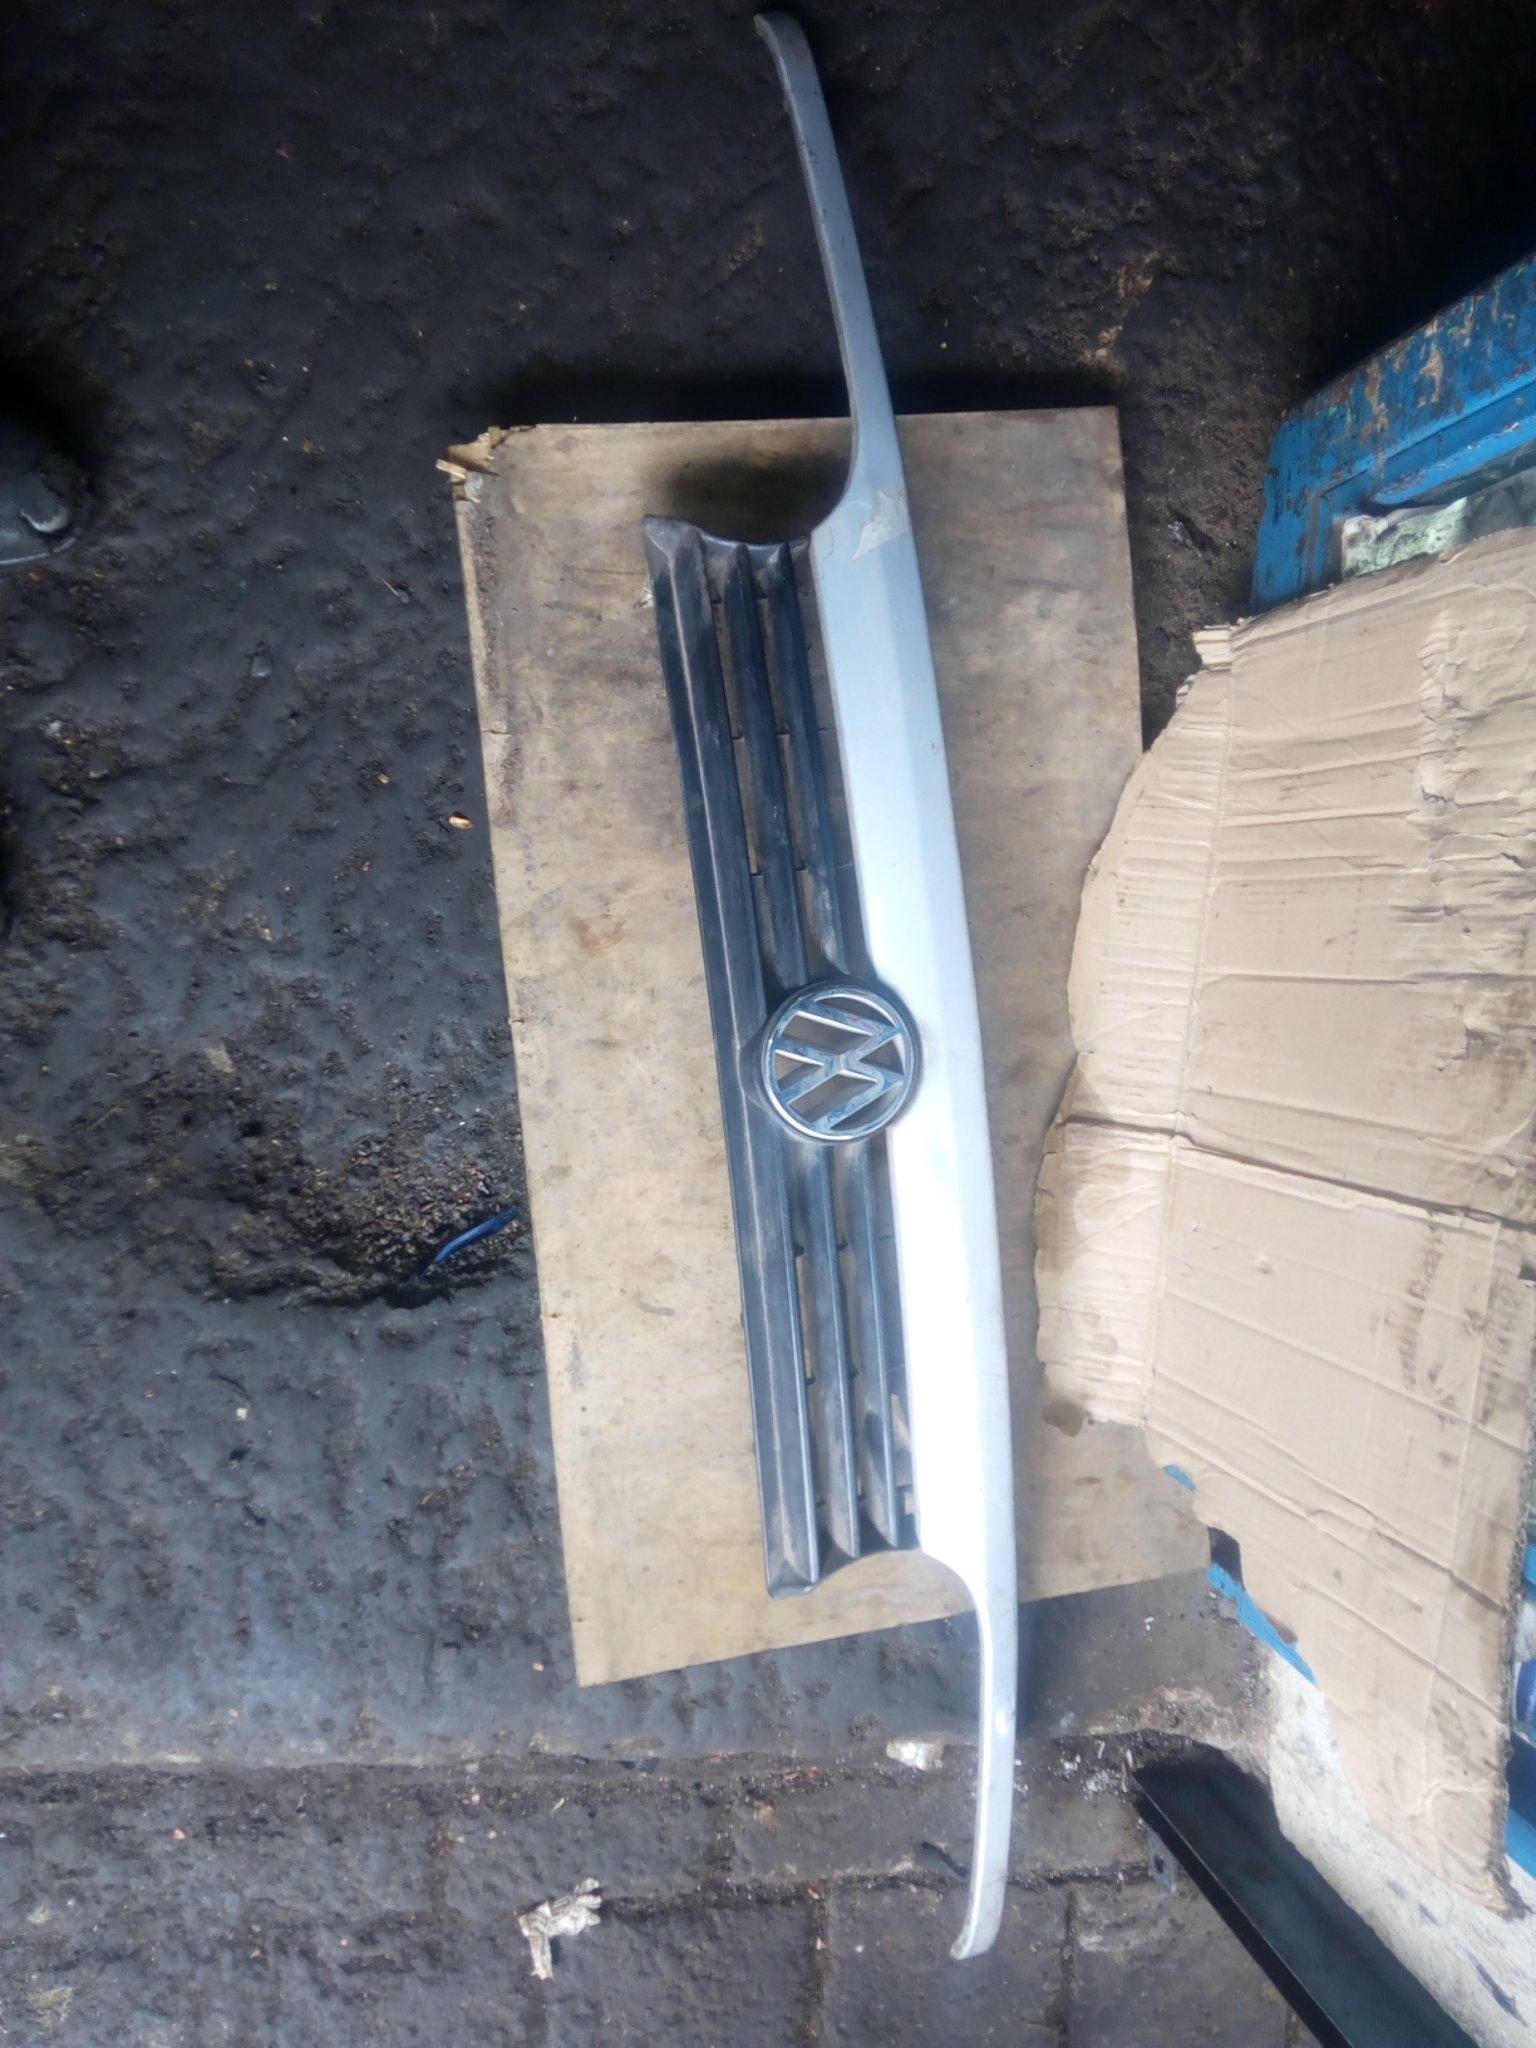 VW golf mark 2 grill 00317